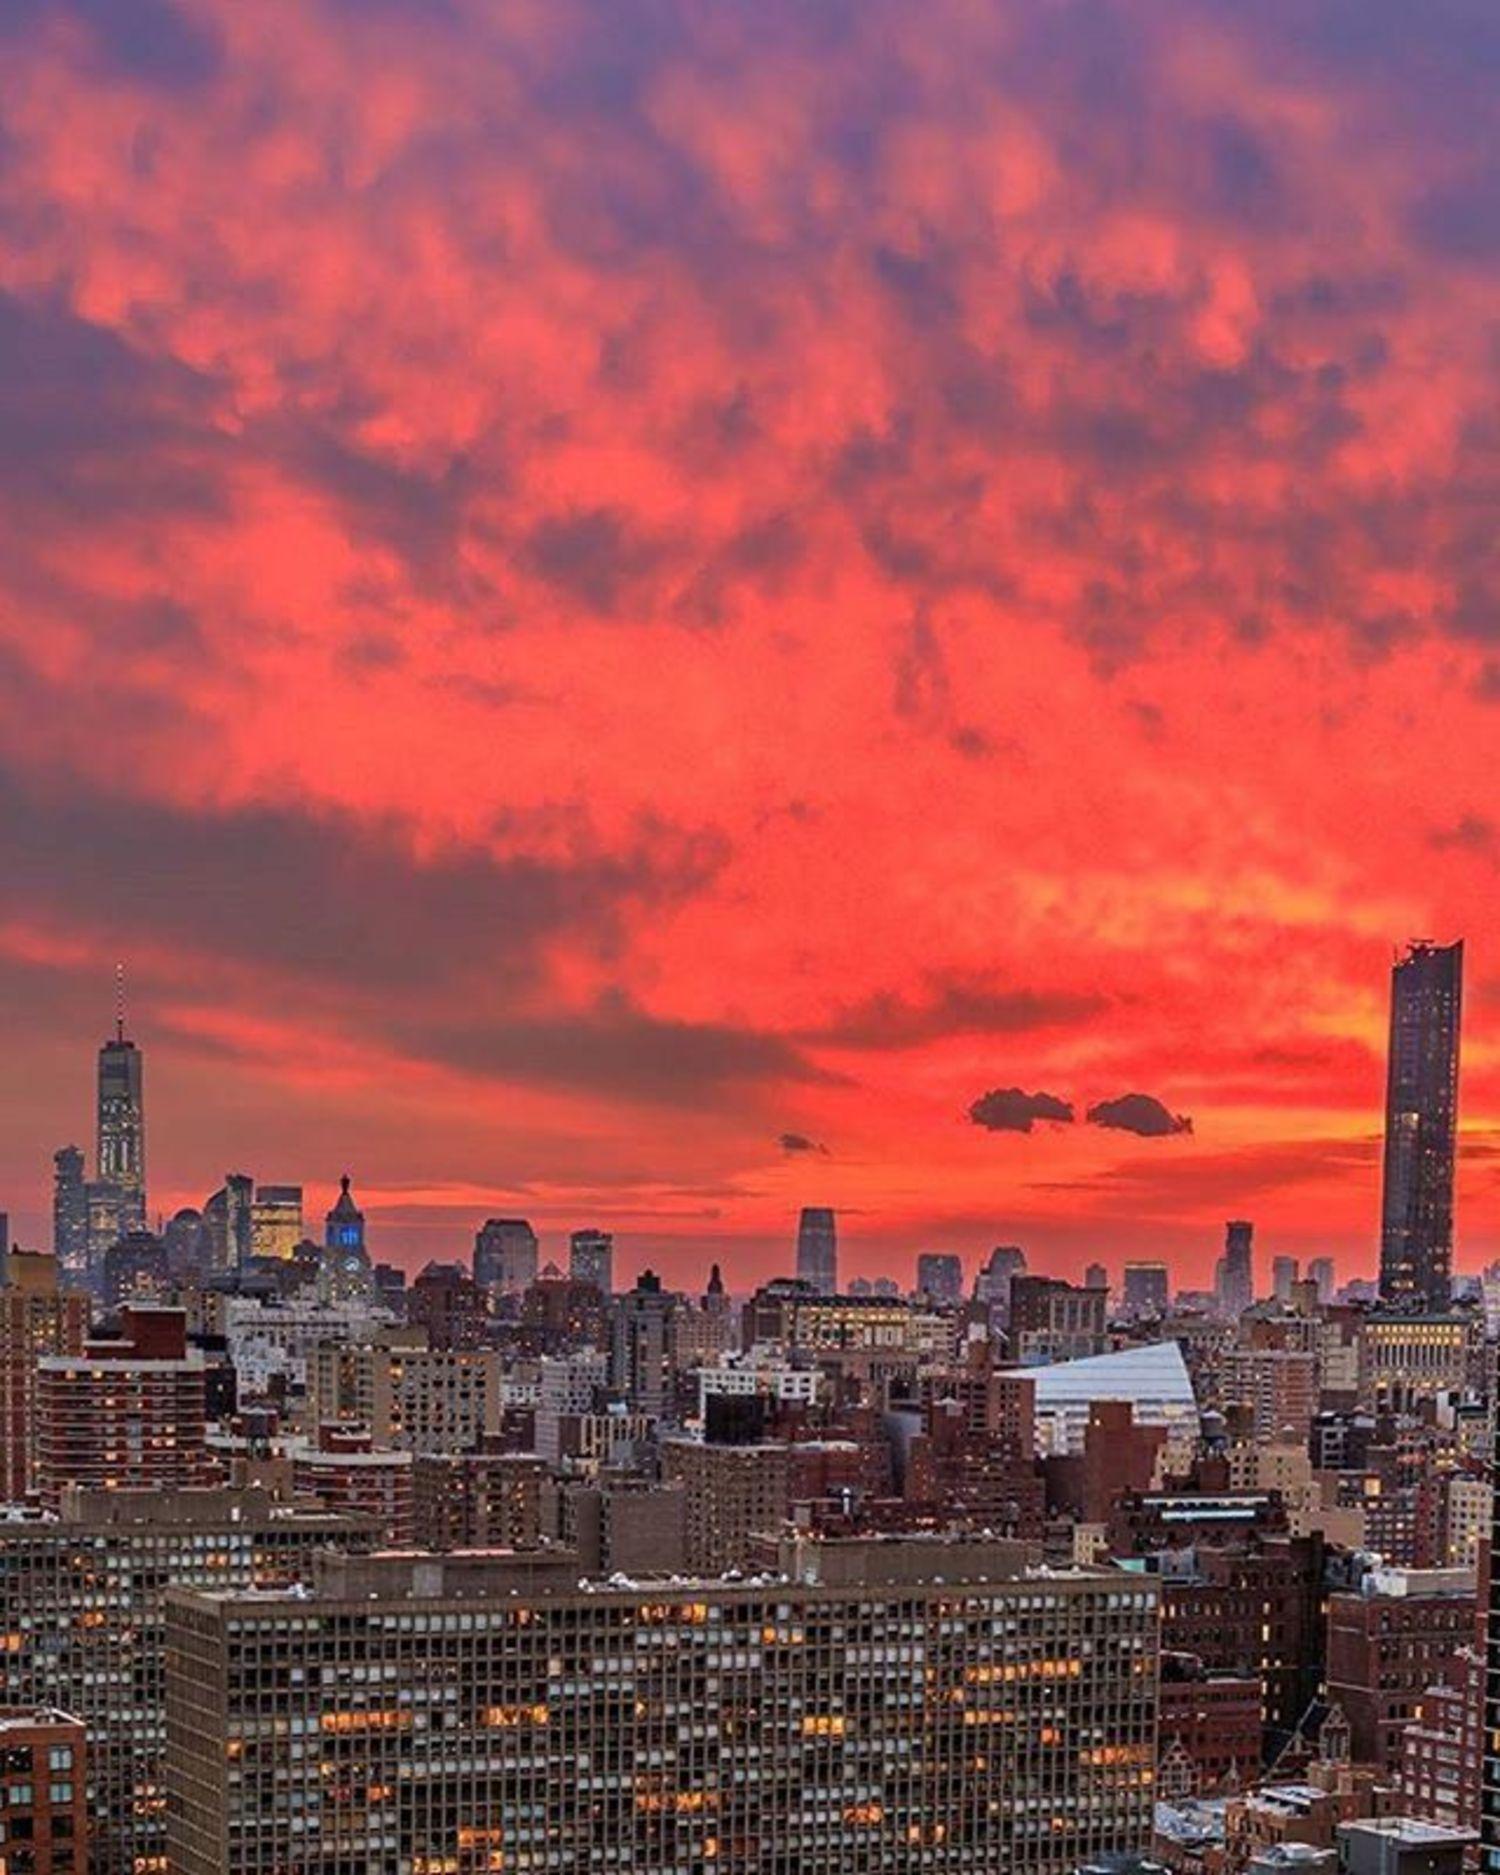 New York, New York. Photo via @killahwave #viewingnyc #newyork #newyorkcity #nyc #sunset